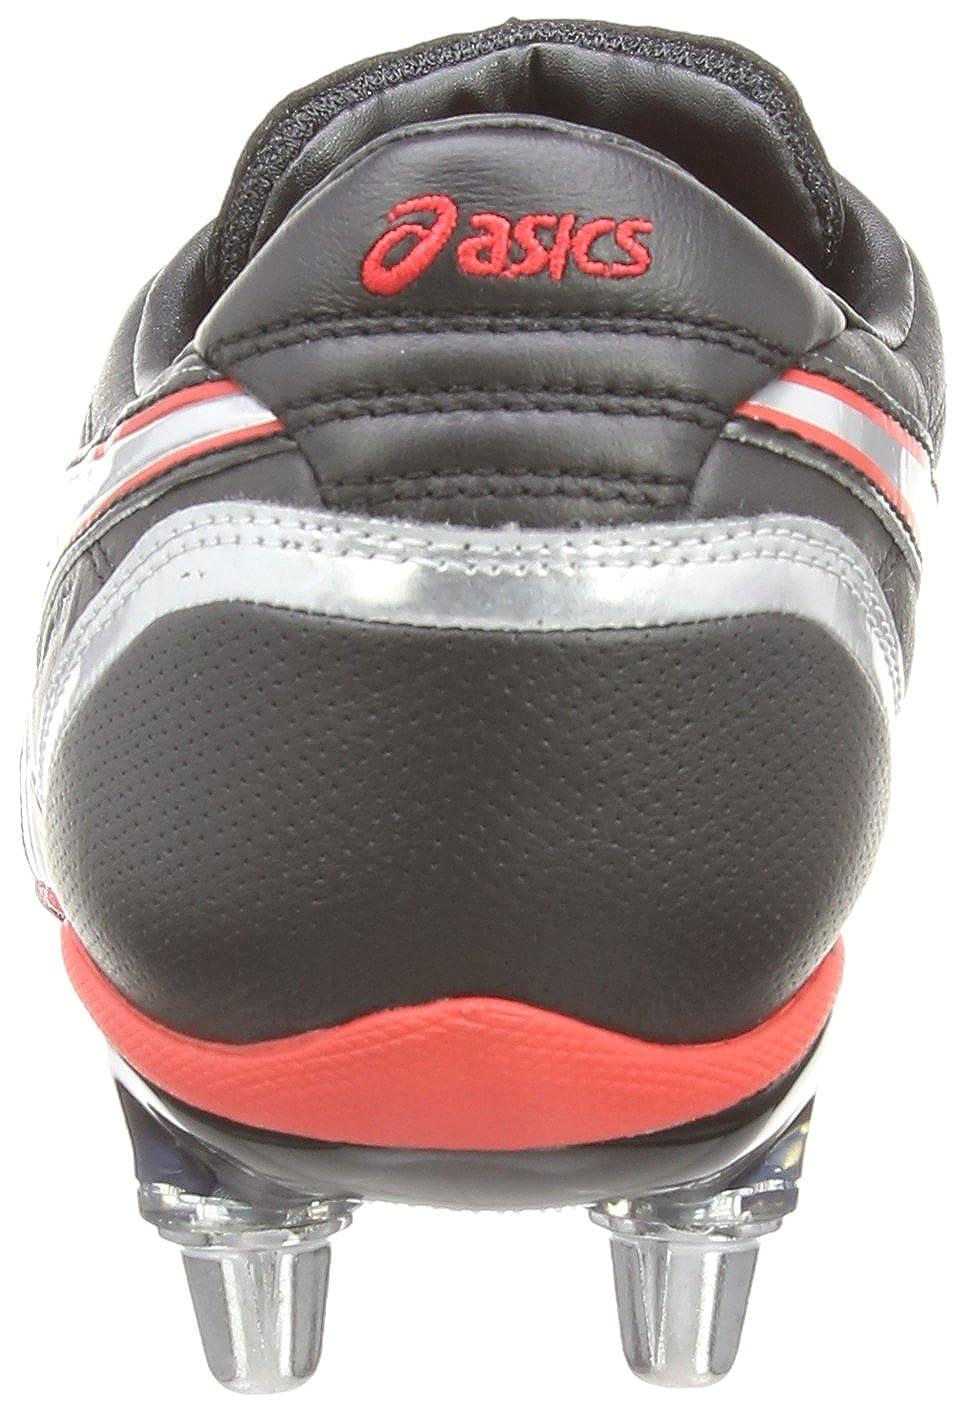 ASICS Lethal Charge, Zapatillas de Deporte Exterior para Hombre: Amazon.es: Zapatos y complementos